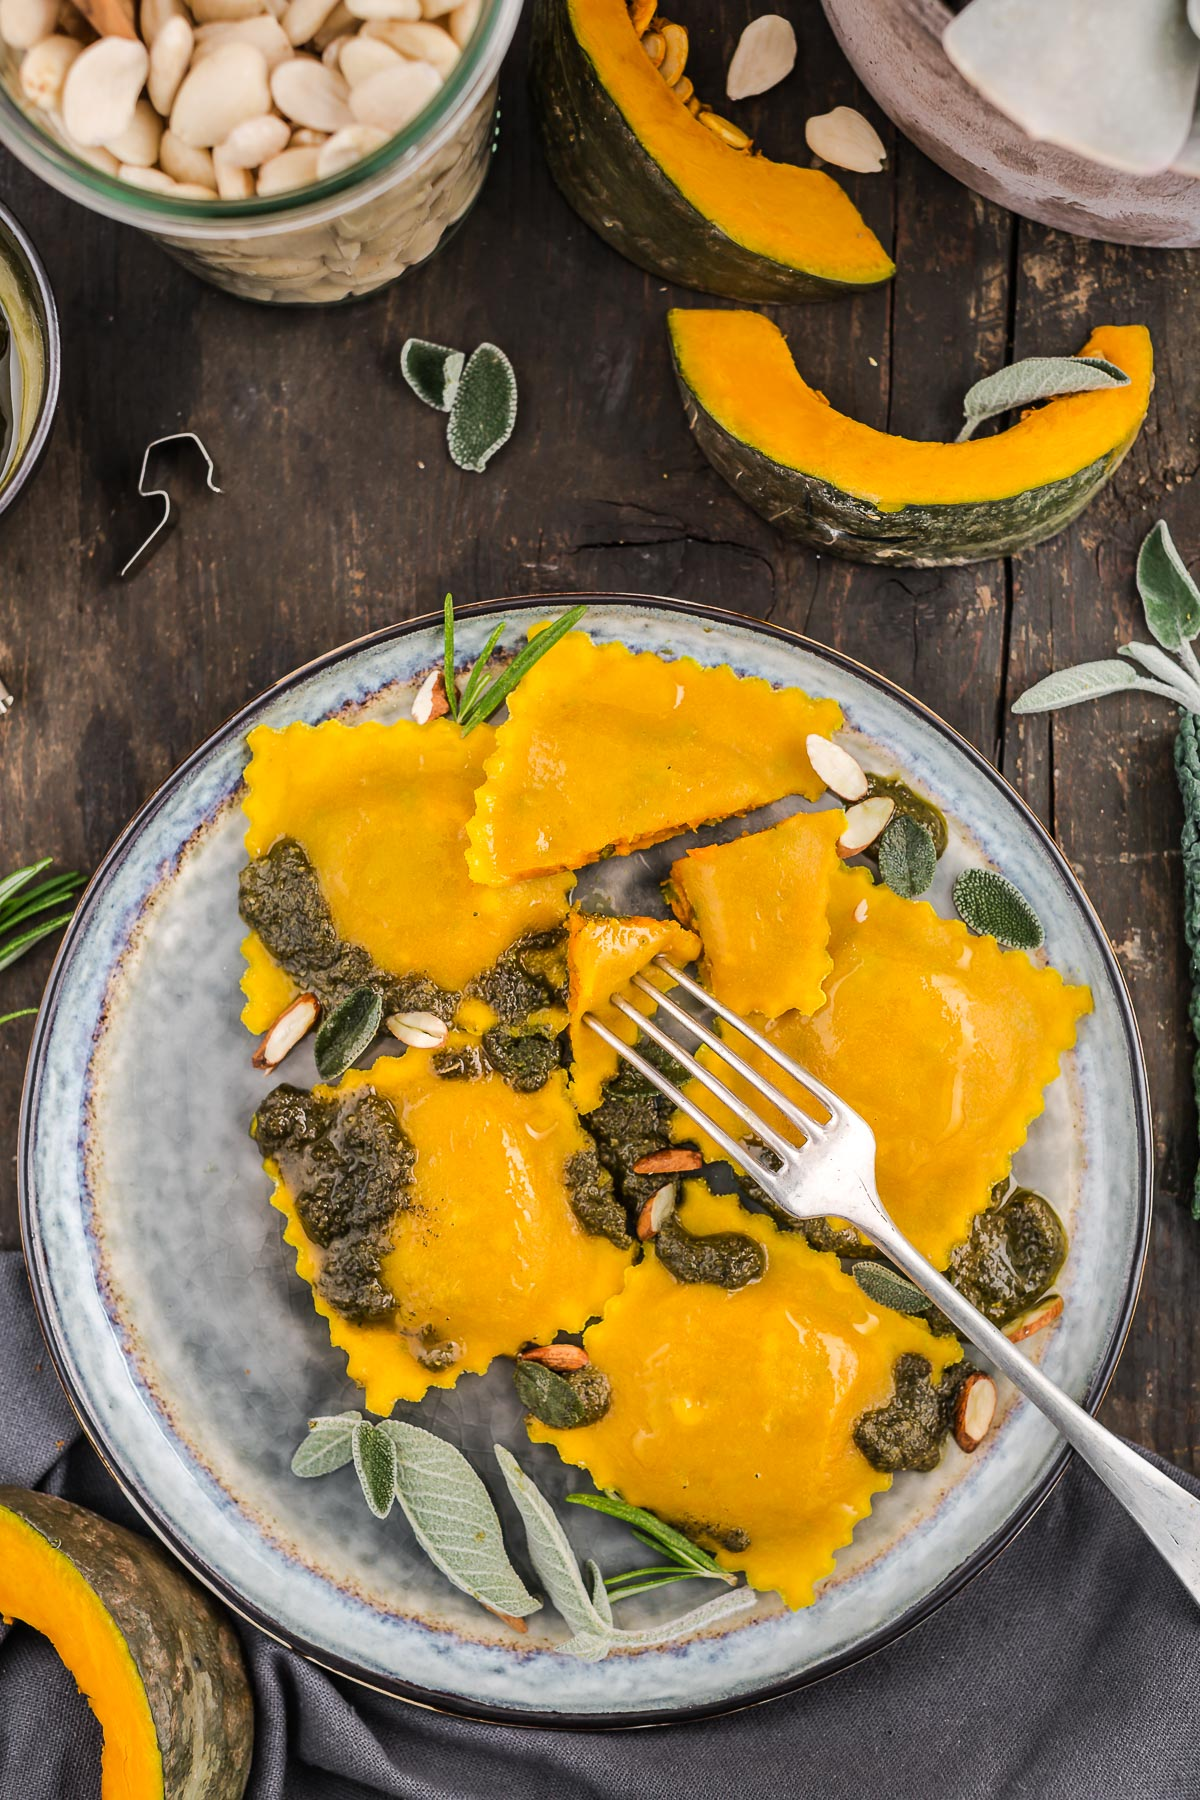 #vegan #glutenfree #TURMERIC STEAMED RAVIOLI with #pumpkin and #ALMOND SAGE #PESTO - #RAVIOLI al VAPORE alla CURCUMA con ZUCCA e PESTO di SALVIA e mandorle vegan senza glutine